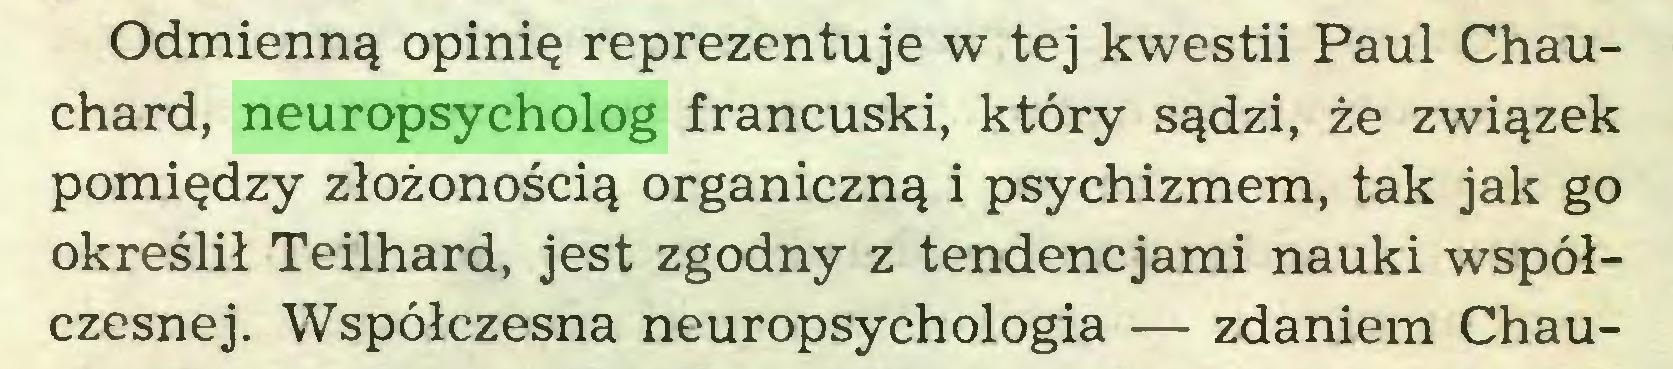 (...) Odmienną opinię reprezentuje w tej kwestii Paul Chauchard, neuropsycholog francuski, który sądzi, że związek pomiędzy złożonością organiczną i psychizmem, tak jak go określił Teilhard, jest zgodny z tendencjami nauki współczesnej. Współczesna neuropsychologia — zdaniem Chau...